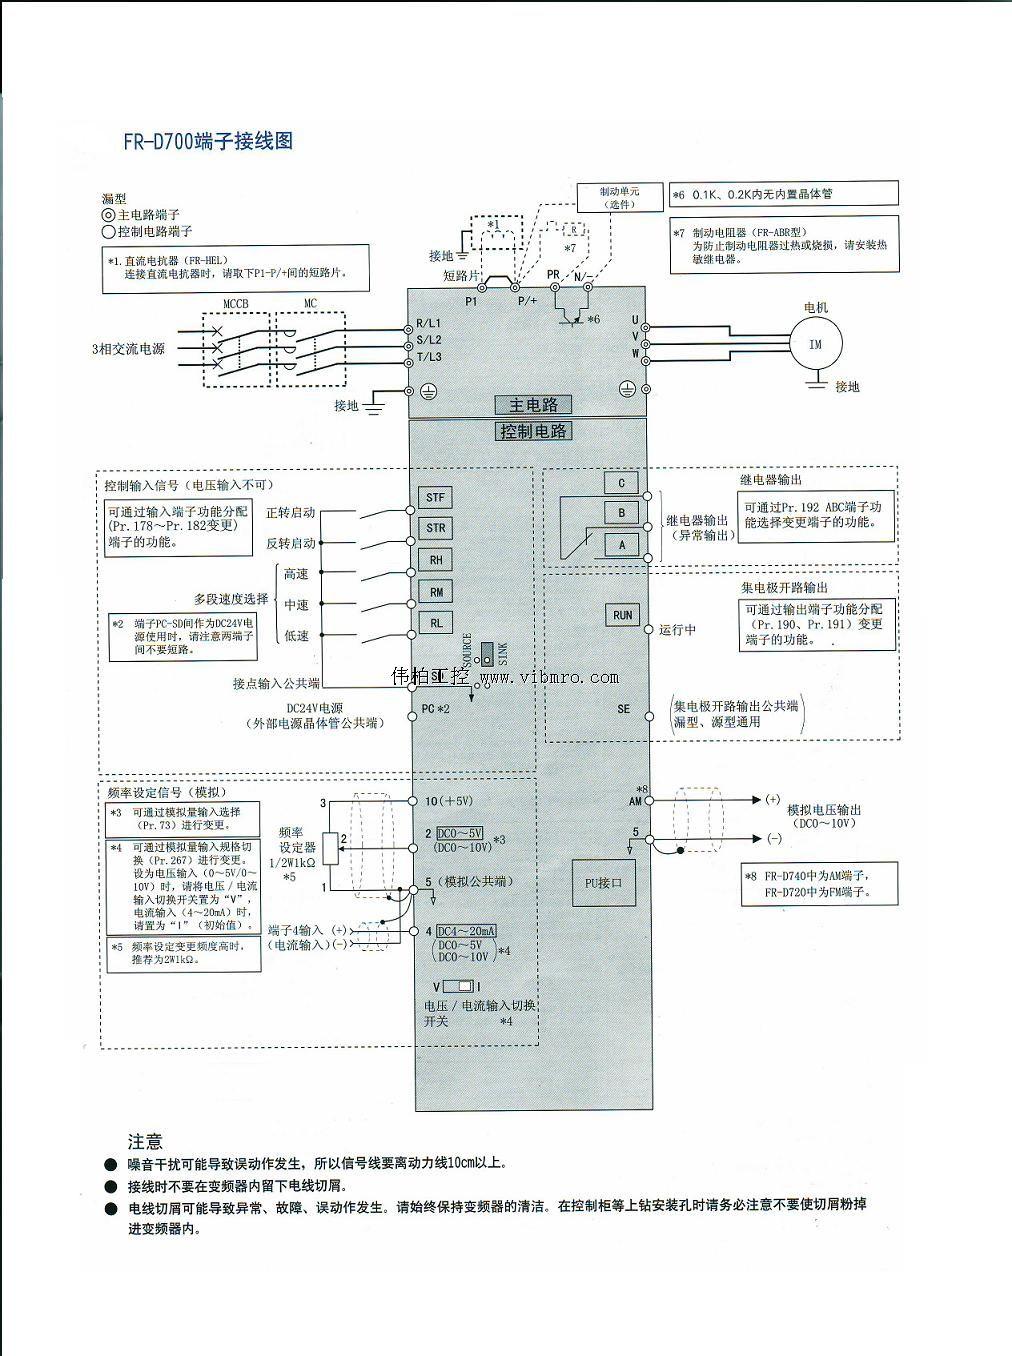 fr-a740-560k-cht,fr-a700系列变频器